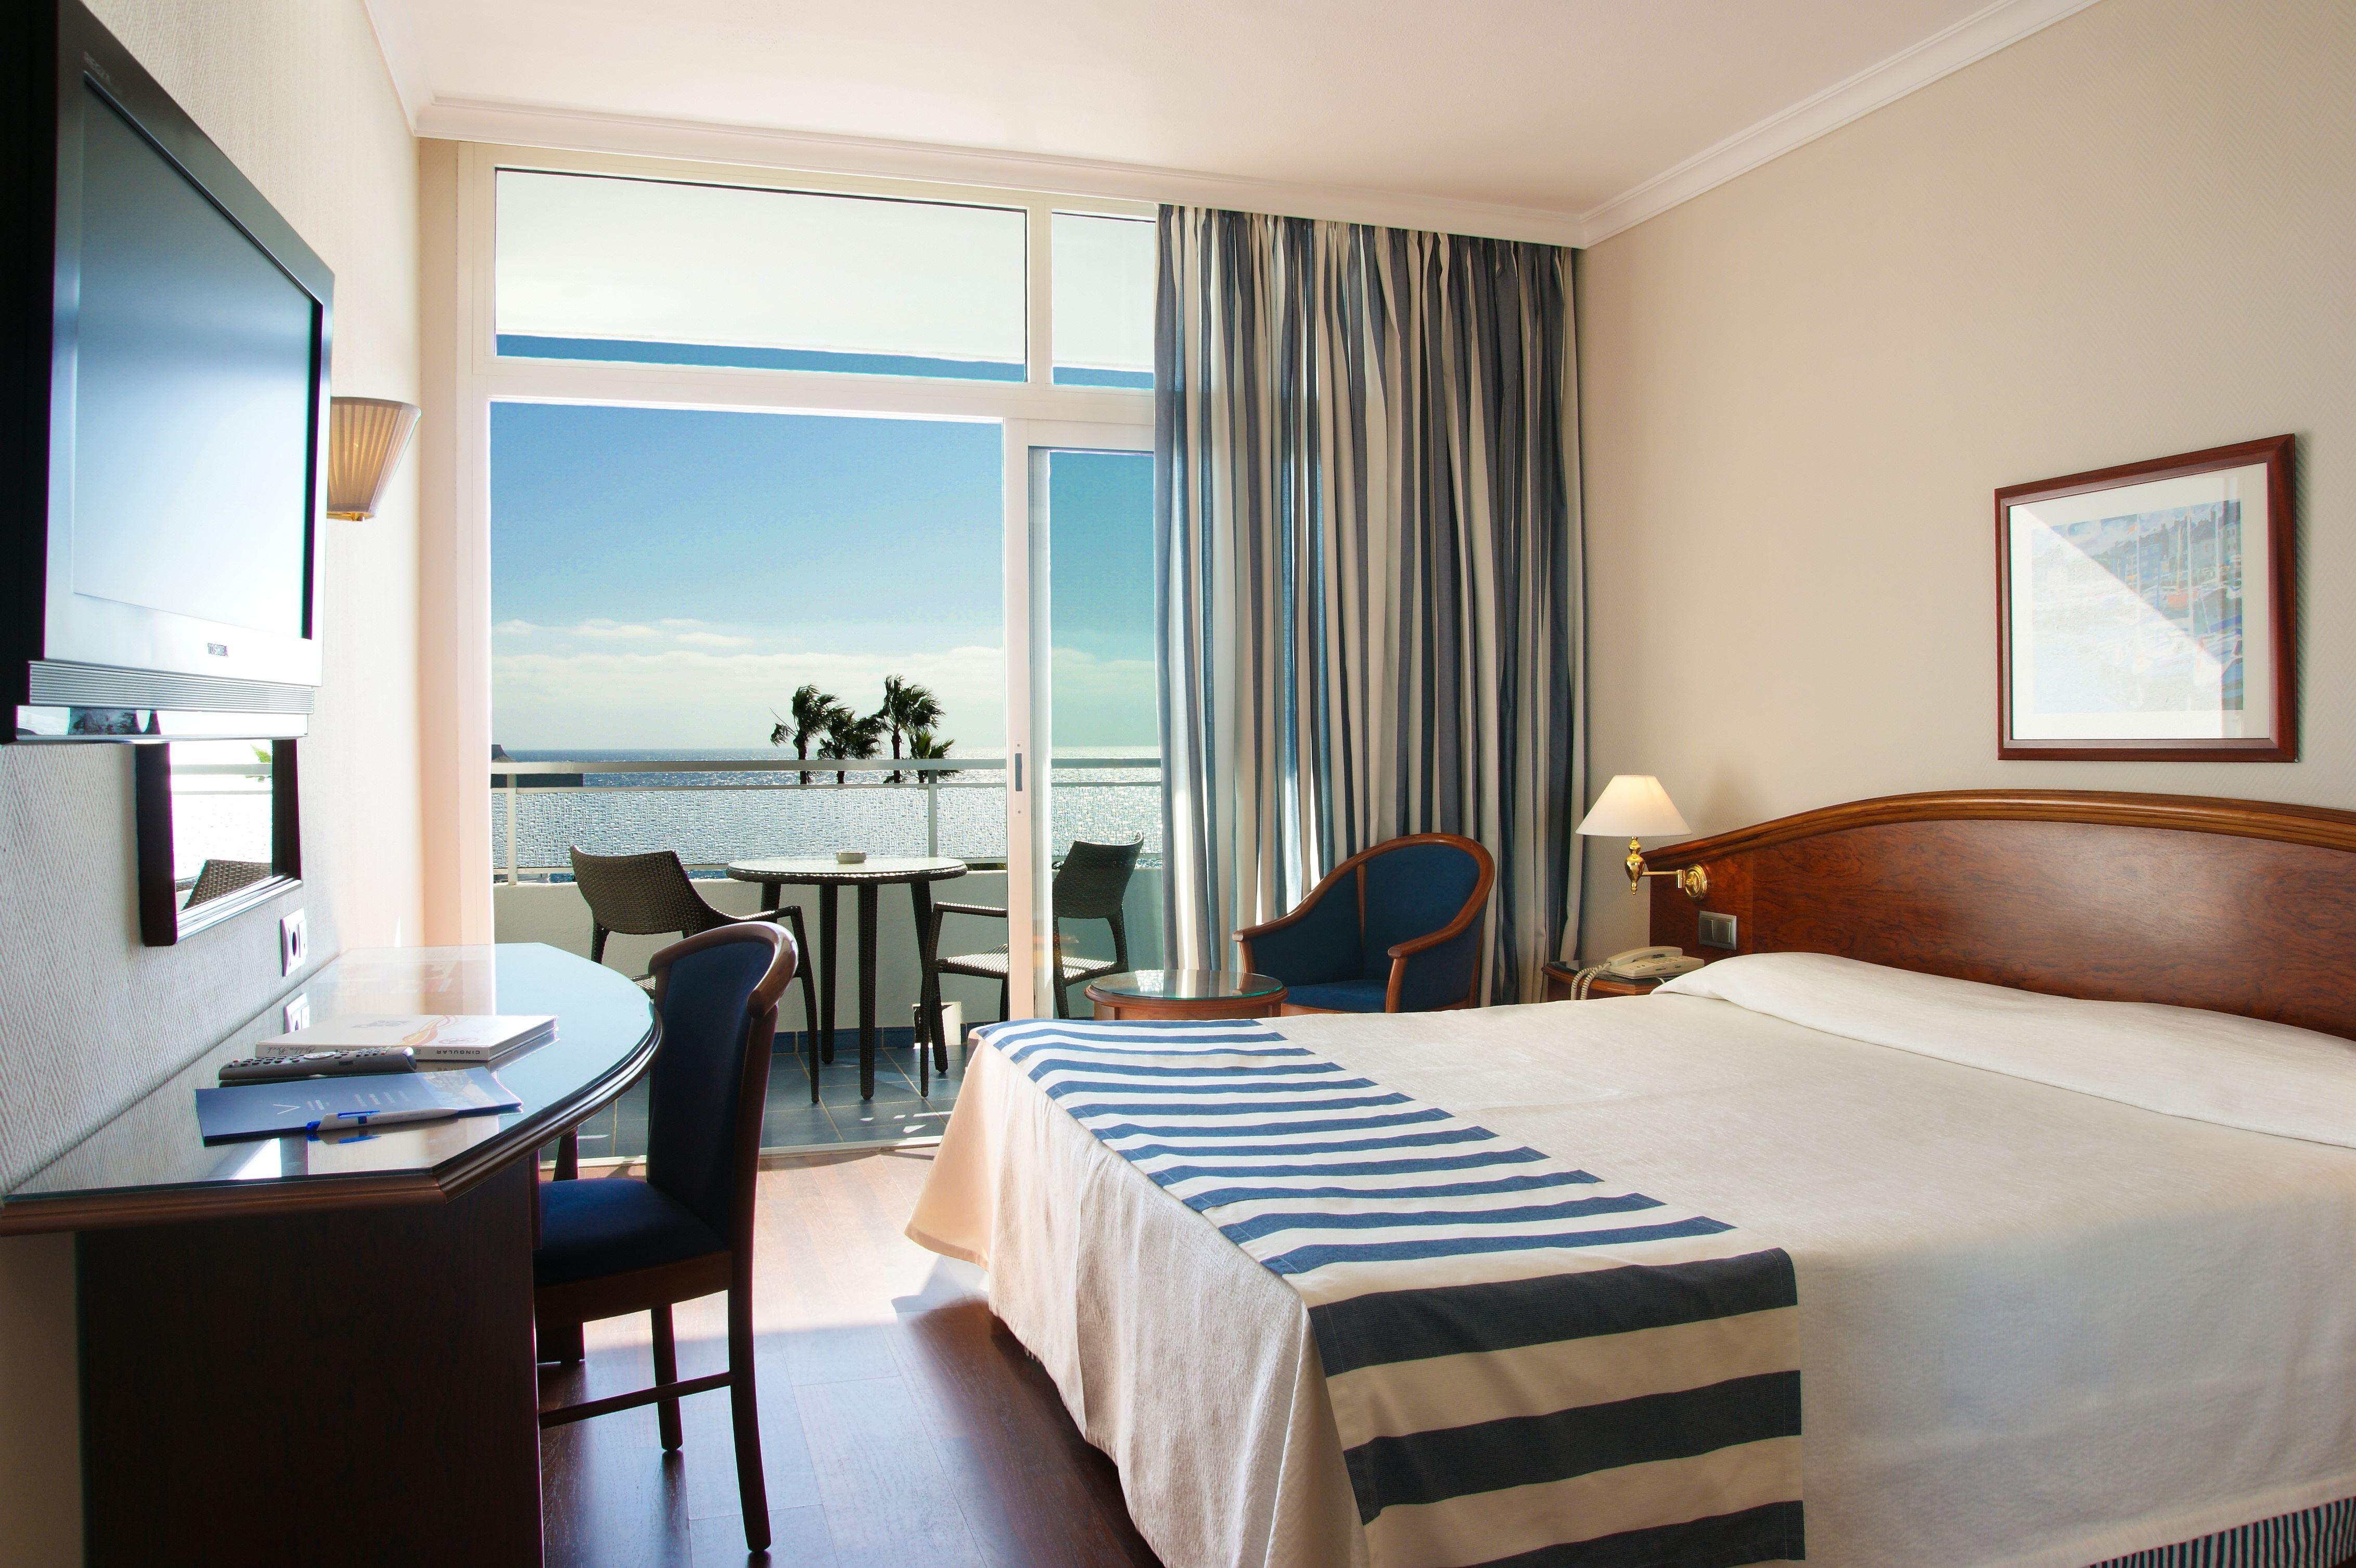 VIK Hotel San Antonio: Klassiskt hotell med idealiskt strandläge i Puerto del Carmen